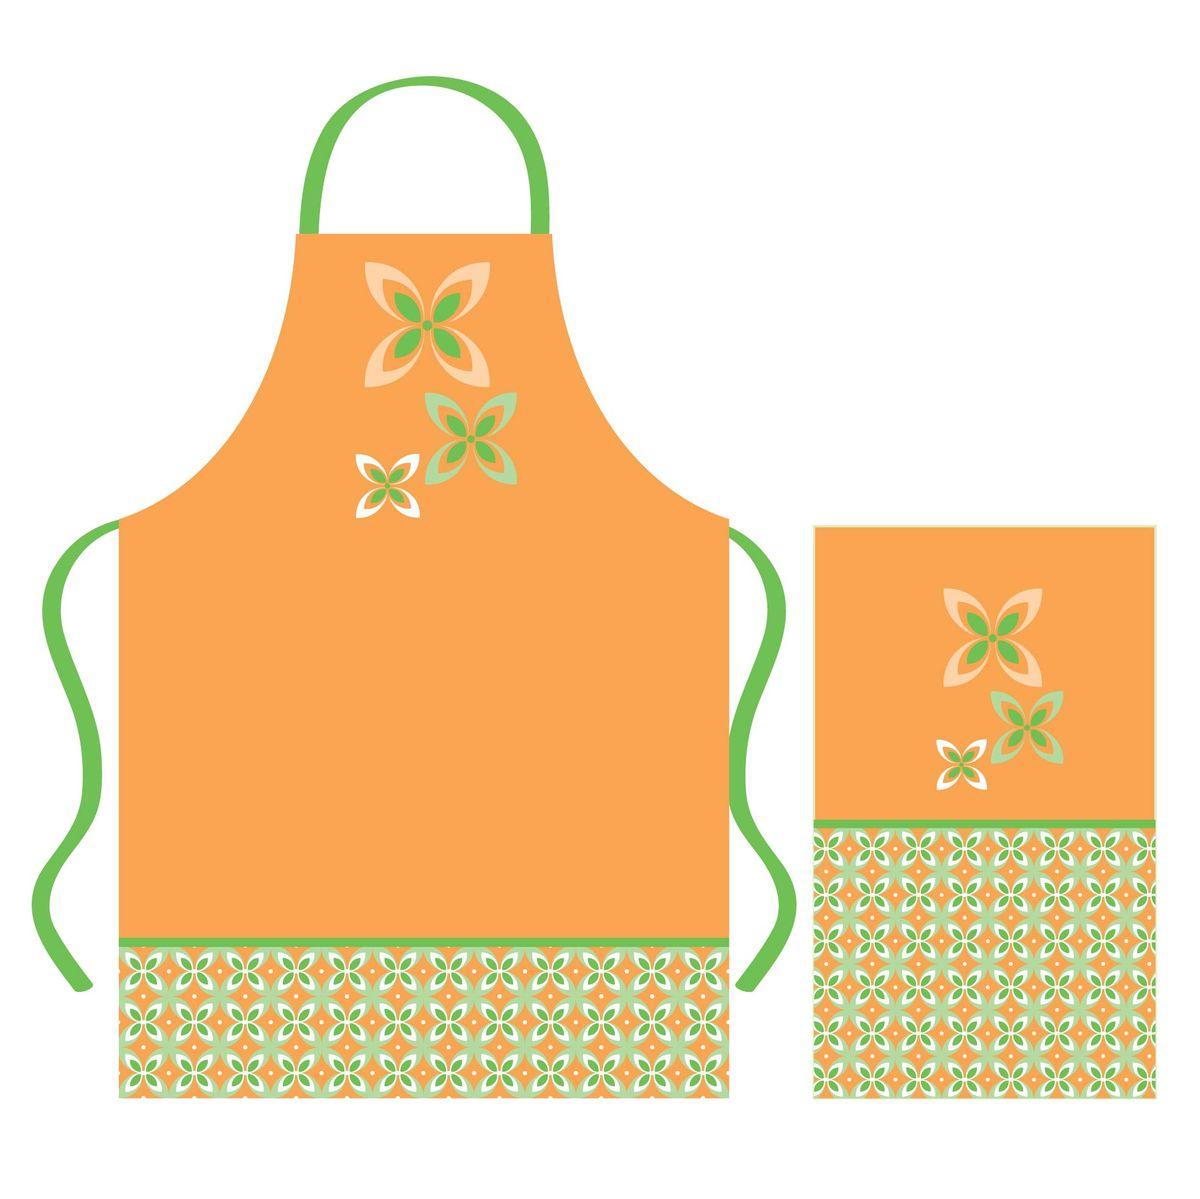 Набор кухонного текстиля Cooking time67420Набор кухонного текстиля выполнен из хлопка и украшен нейтральным бежево-зеленым принтом. 100% хлопок